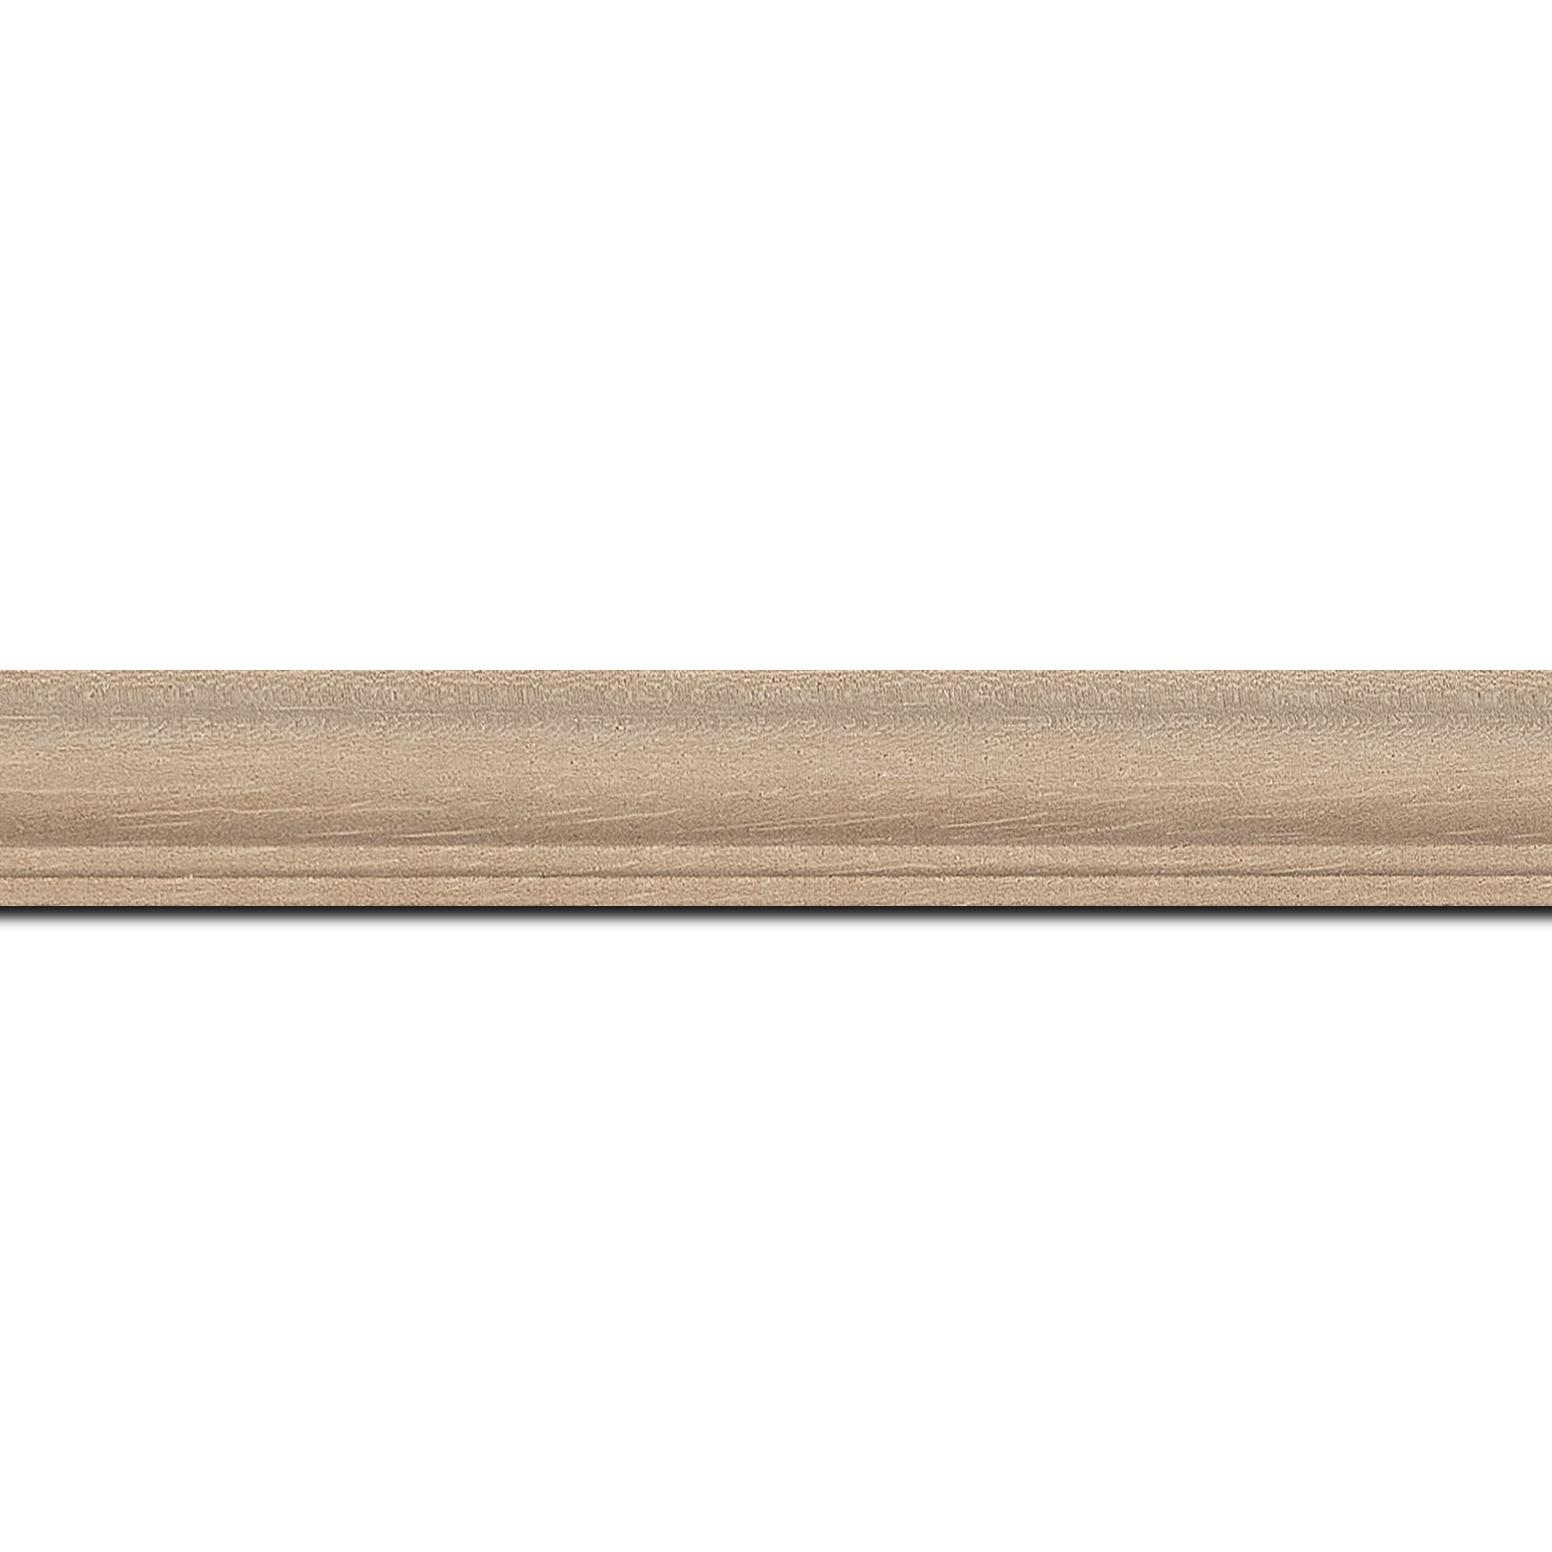 Baguette longueur 1.40m bois profil doucine inversée largeur 2.3cm ayous massif naturel ( sans vernis, peut être peint...)